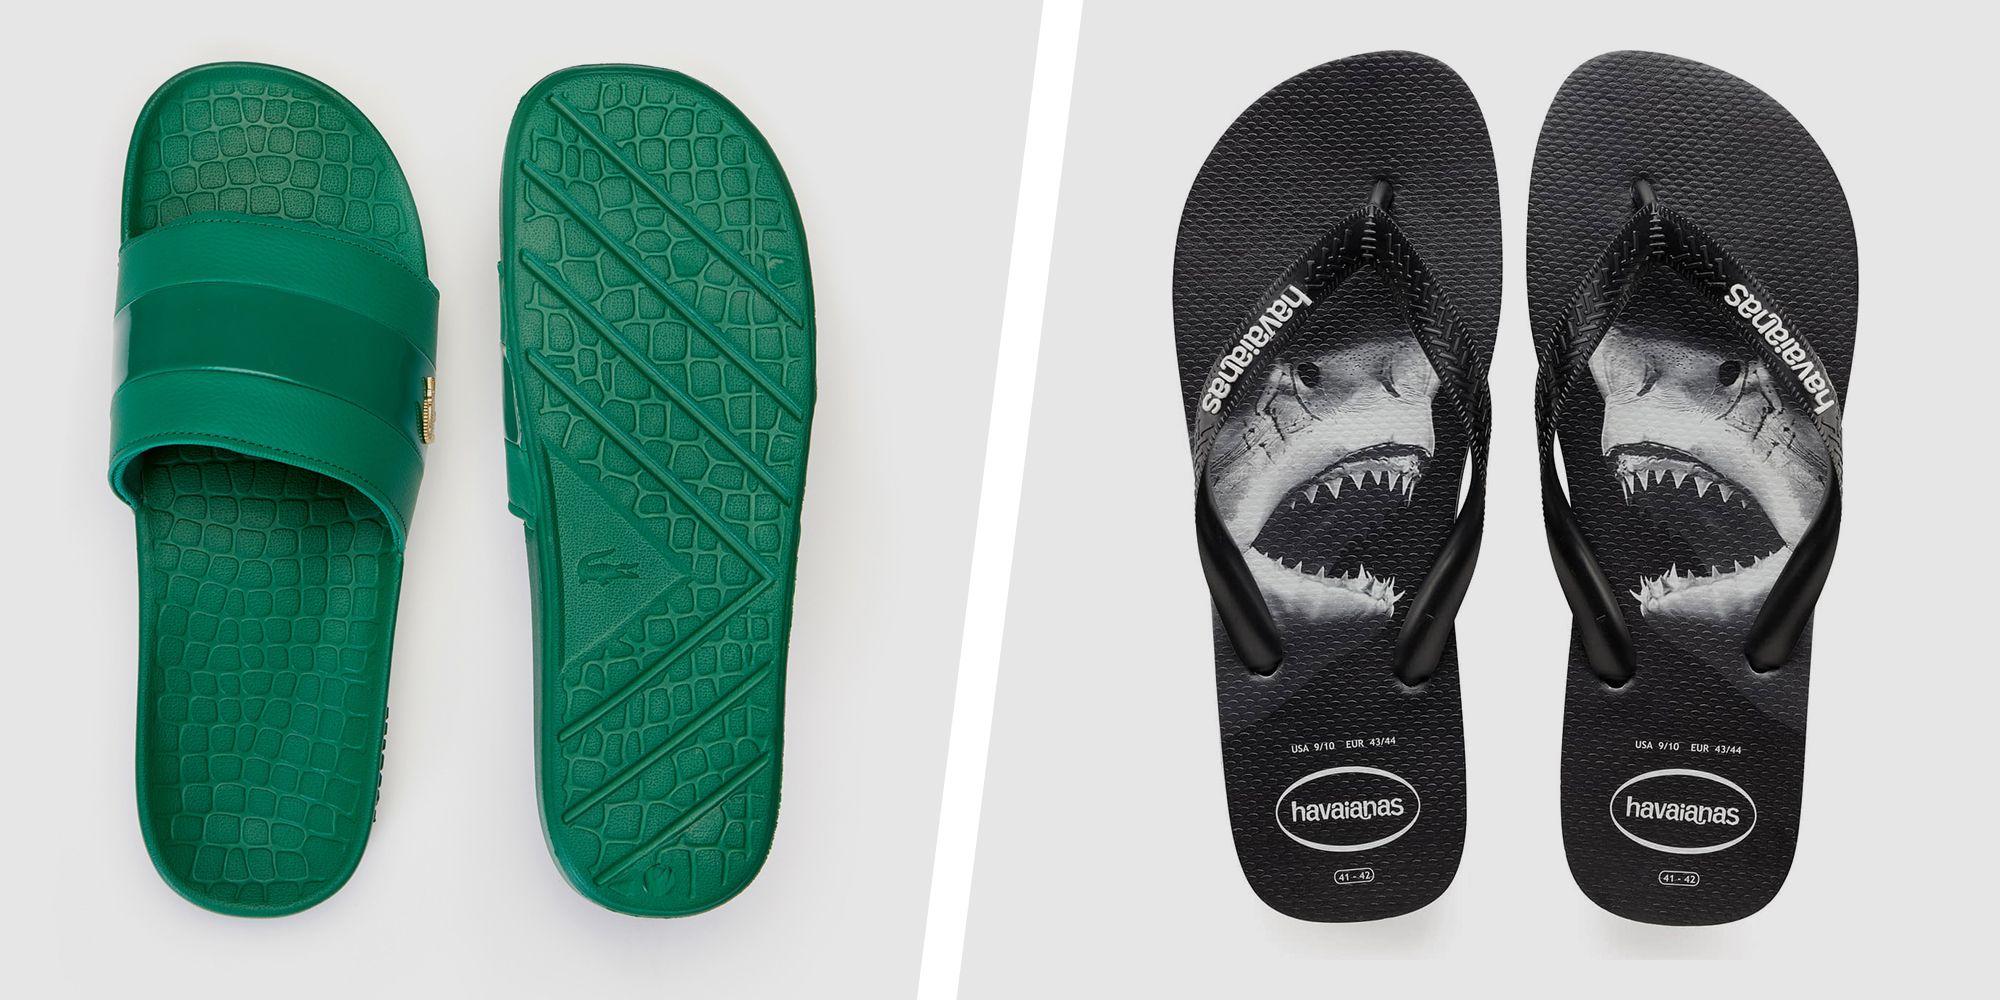 549630a4b2c3f 20 Best Sandals for Men 2019 - Men s Flip-Flops and Sandal Slides